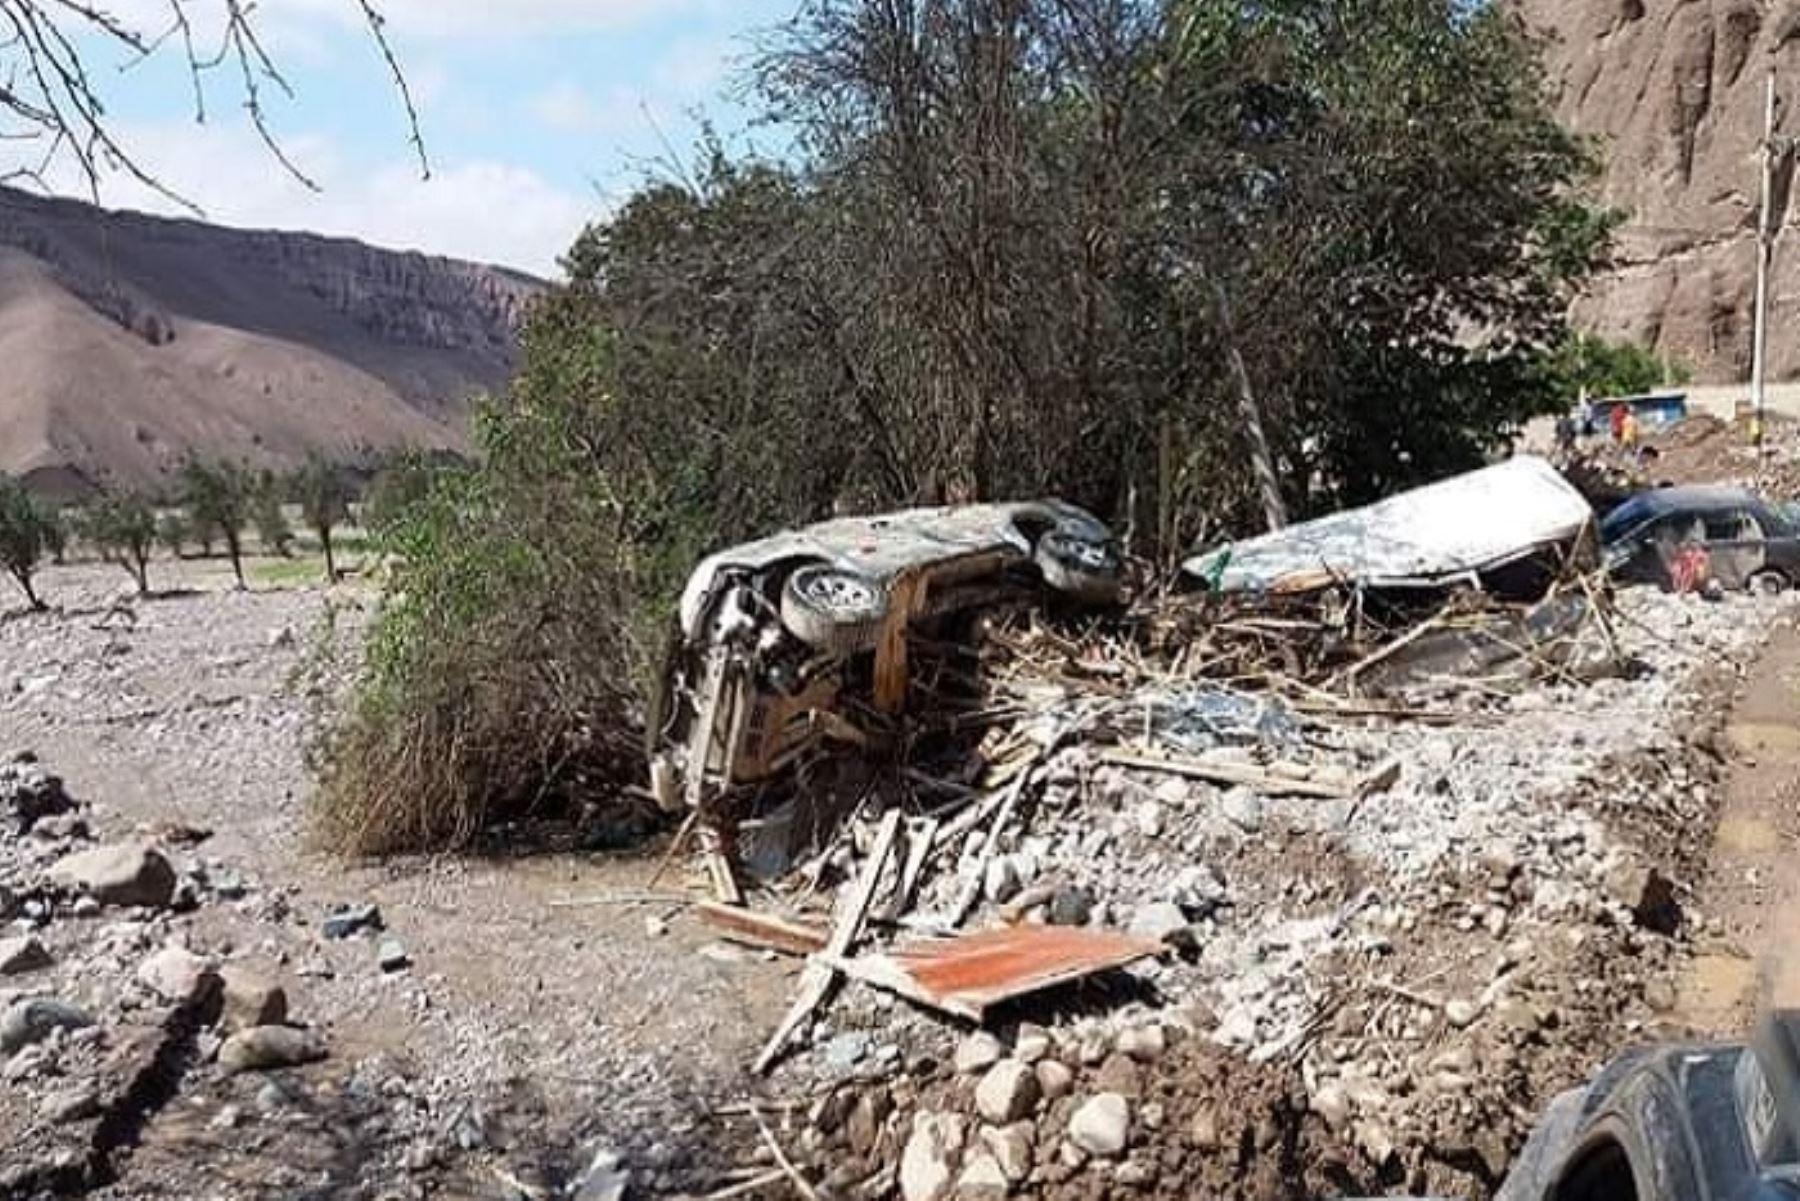 El centro poblado de Mirave, en el distrito de Ilabaya, región Tacna, prácticamente desapareció, al cubrir el huaico todas las viviendas, dejando a la intemperie a 420 familias que requieren ayuda inmediata, como carpas, bienes de abrigo, agua, alimentos y enseres.ANDINA/Difusión